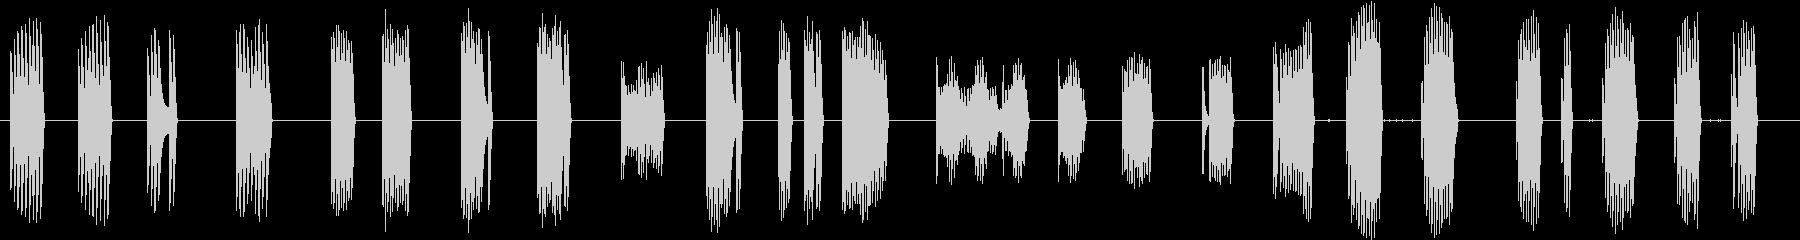 トーンラピッドバーストサンプルホールドの未再生の波形